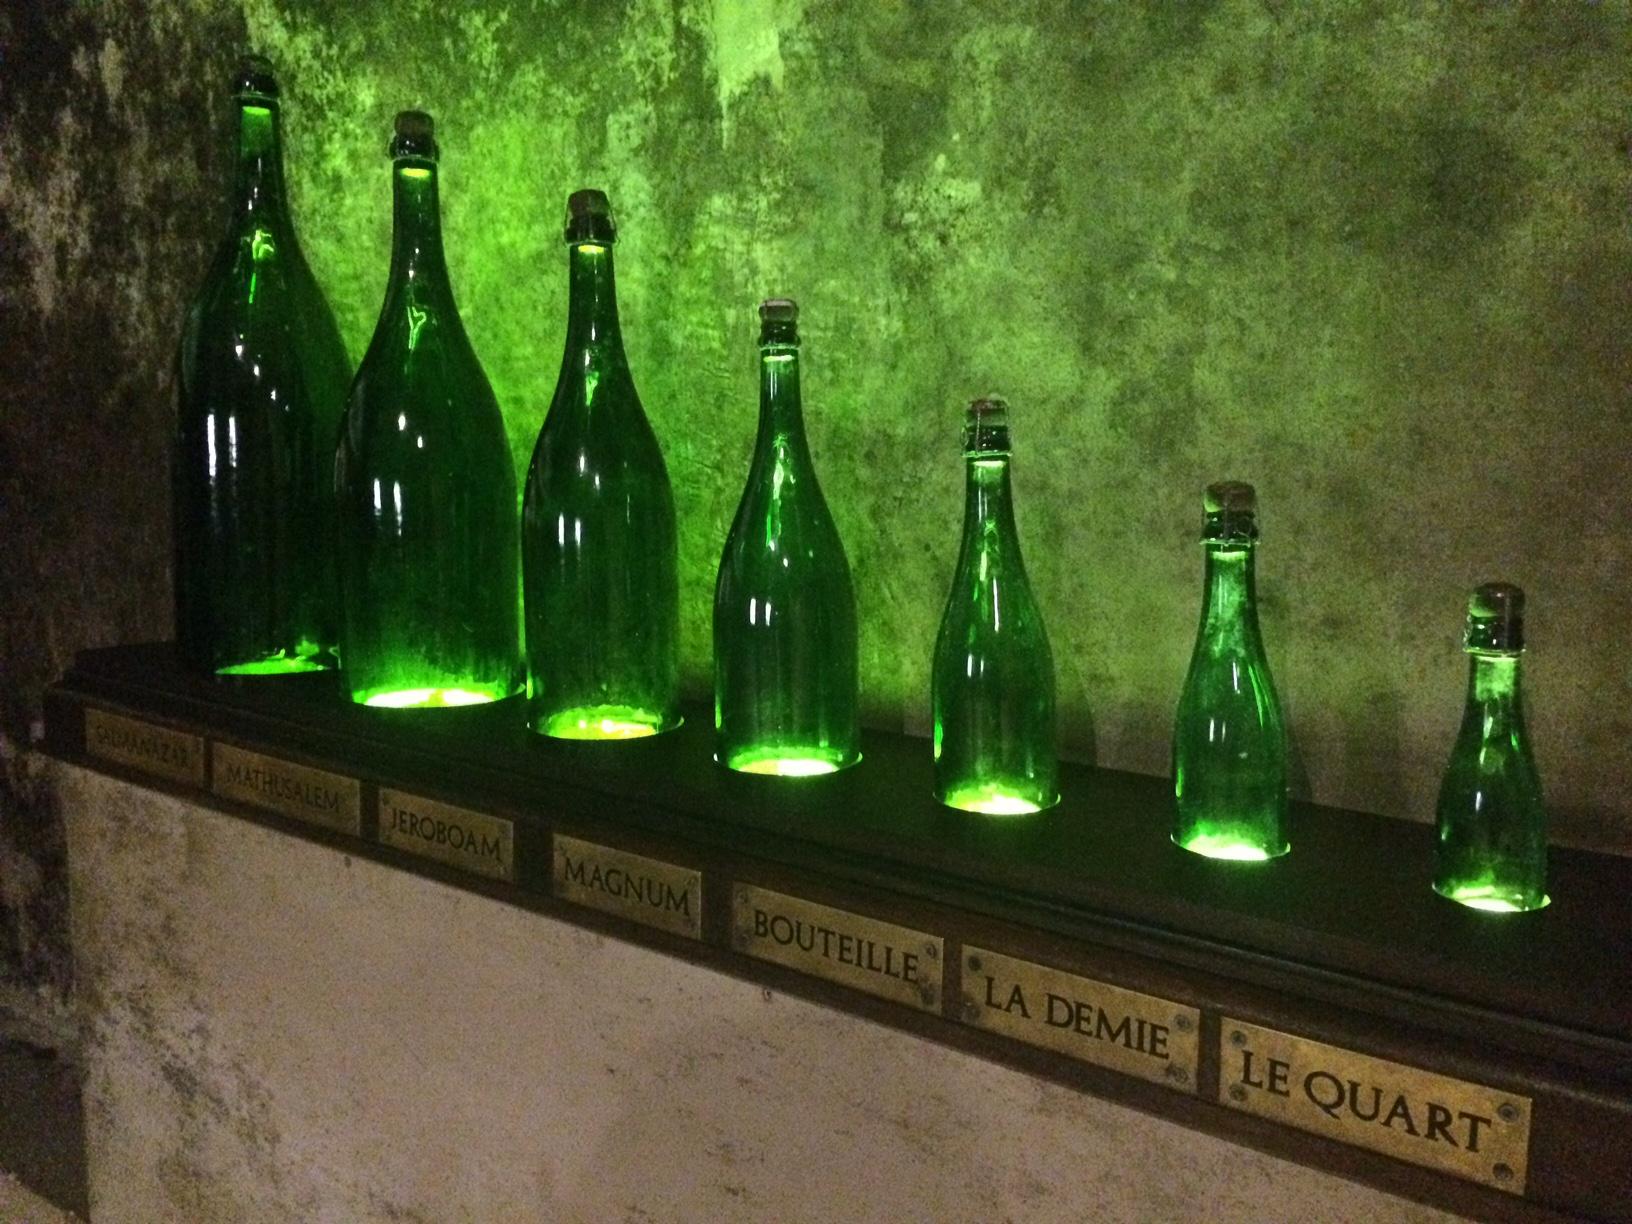 champagne_bottles.JPG